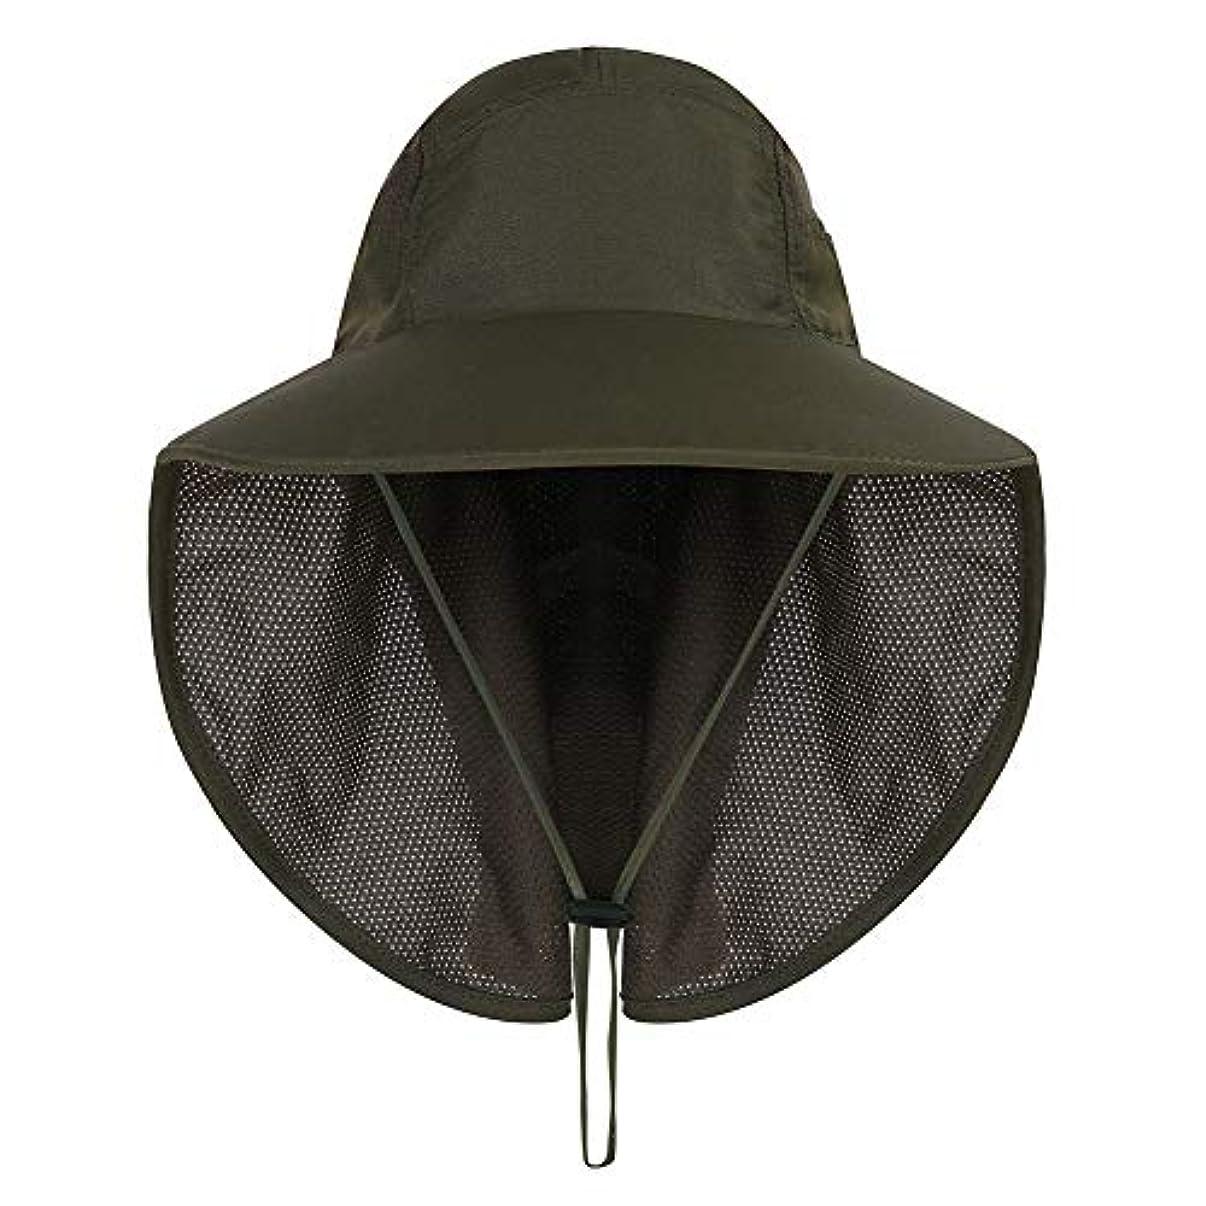 周り加速度心のこもったWodery 釣りハット 帽子 フィッシングハット 通気性 速乾 日焼け防止 紫外線対策 農作業用 登山 釣り プール 海水浴 アウアドア